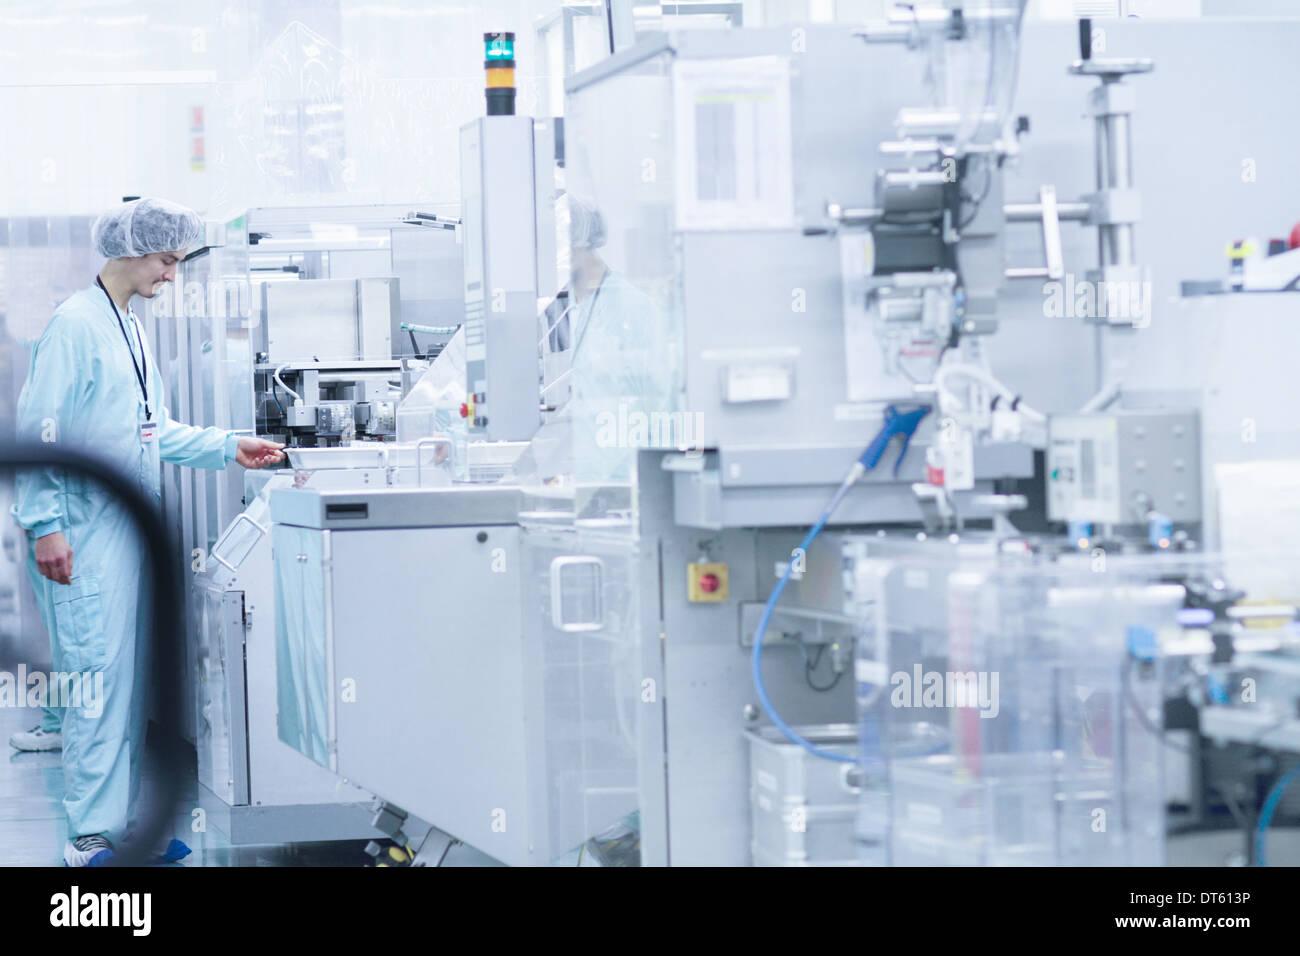 Tecnico di laboratorio durante il lavoro Foto Stock